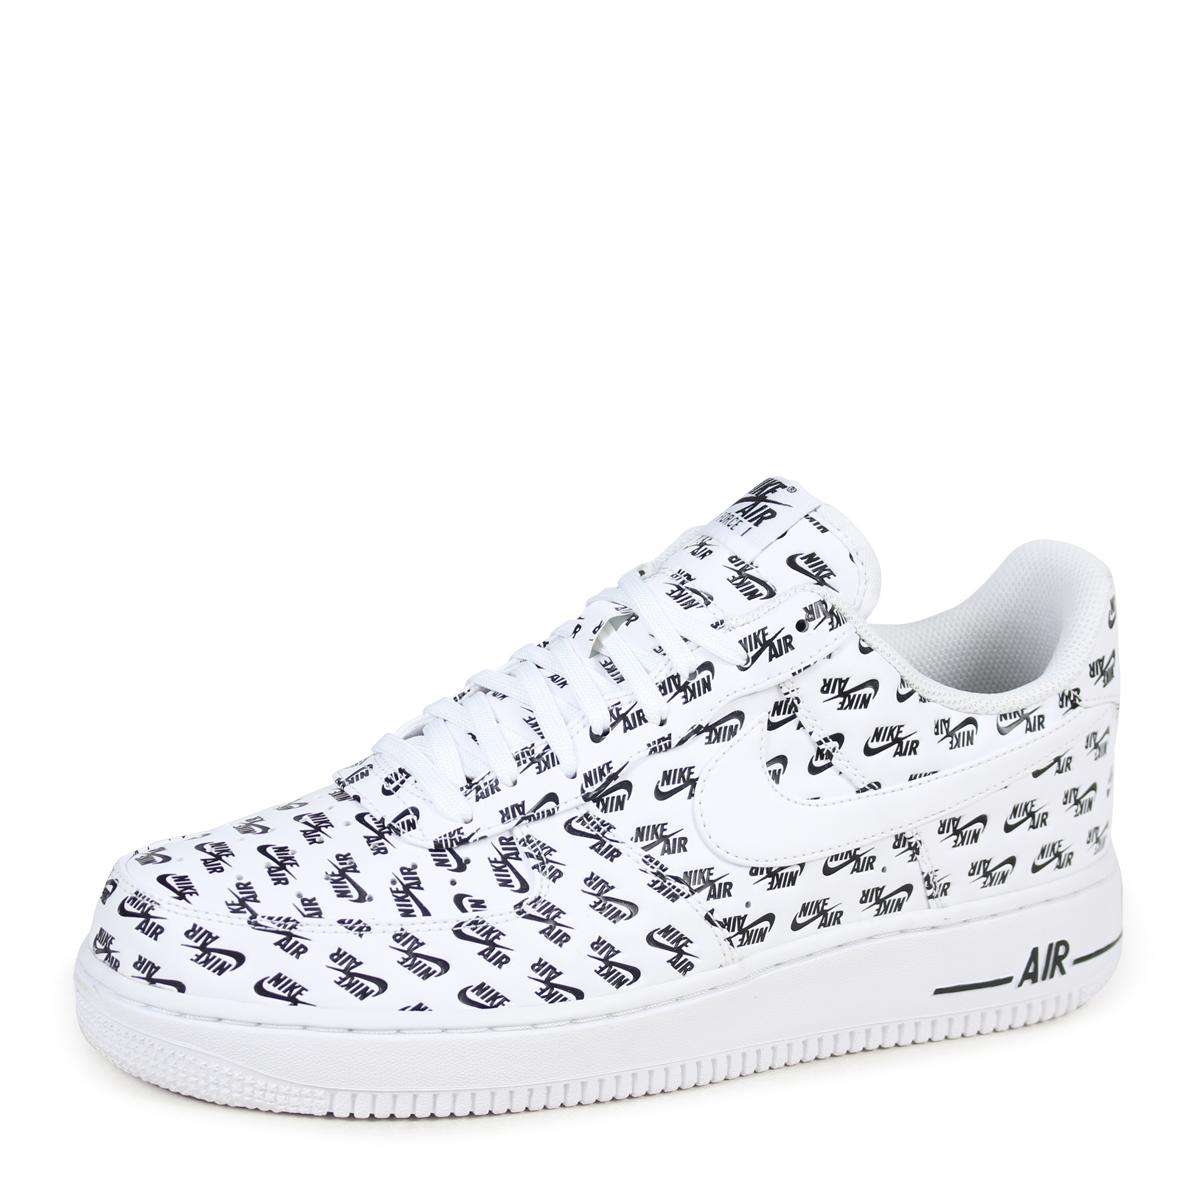 Nike Air Force 1 '07 QS Ah8462 100